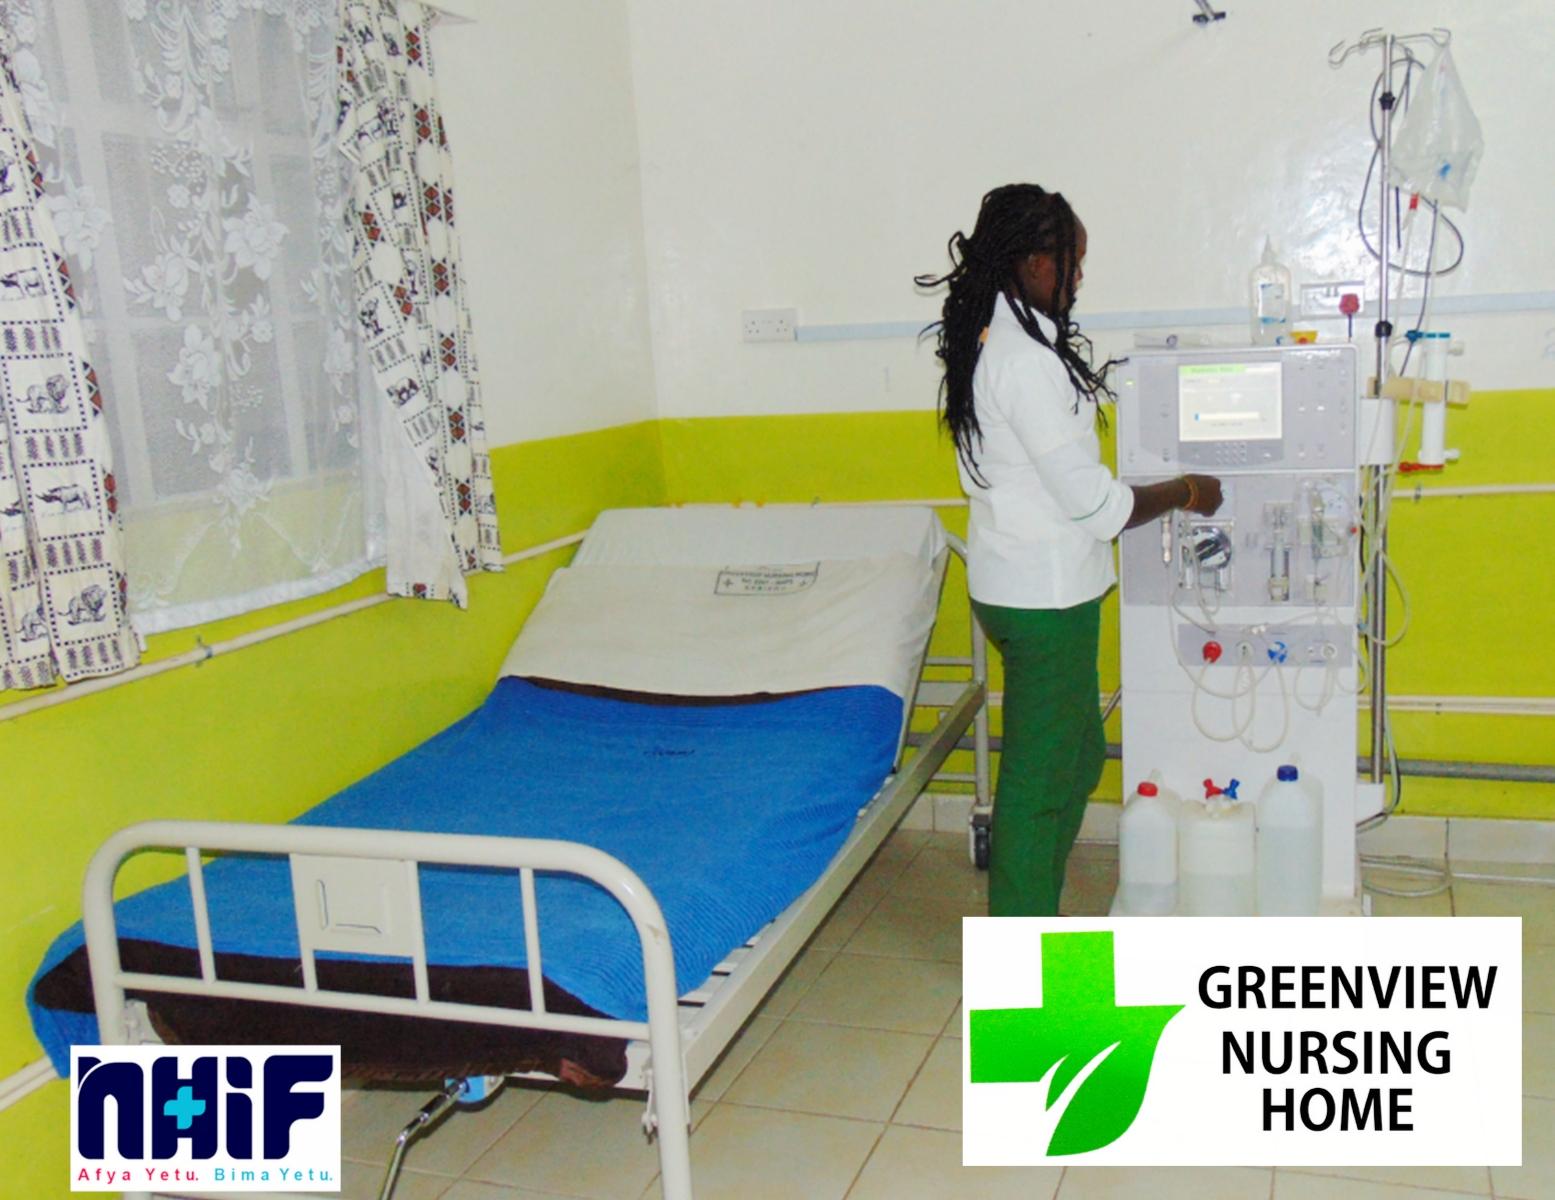 GREENVIEW NURSING HOME renal web2